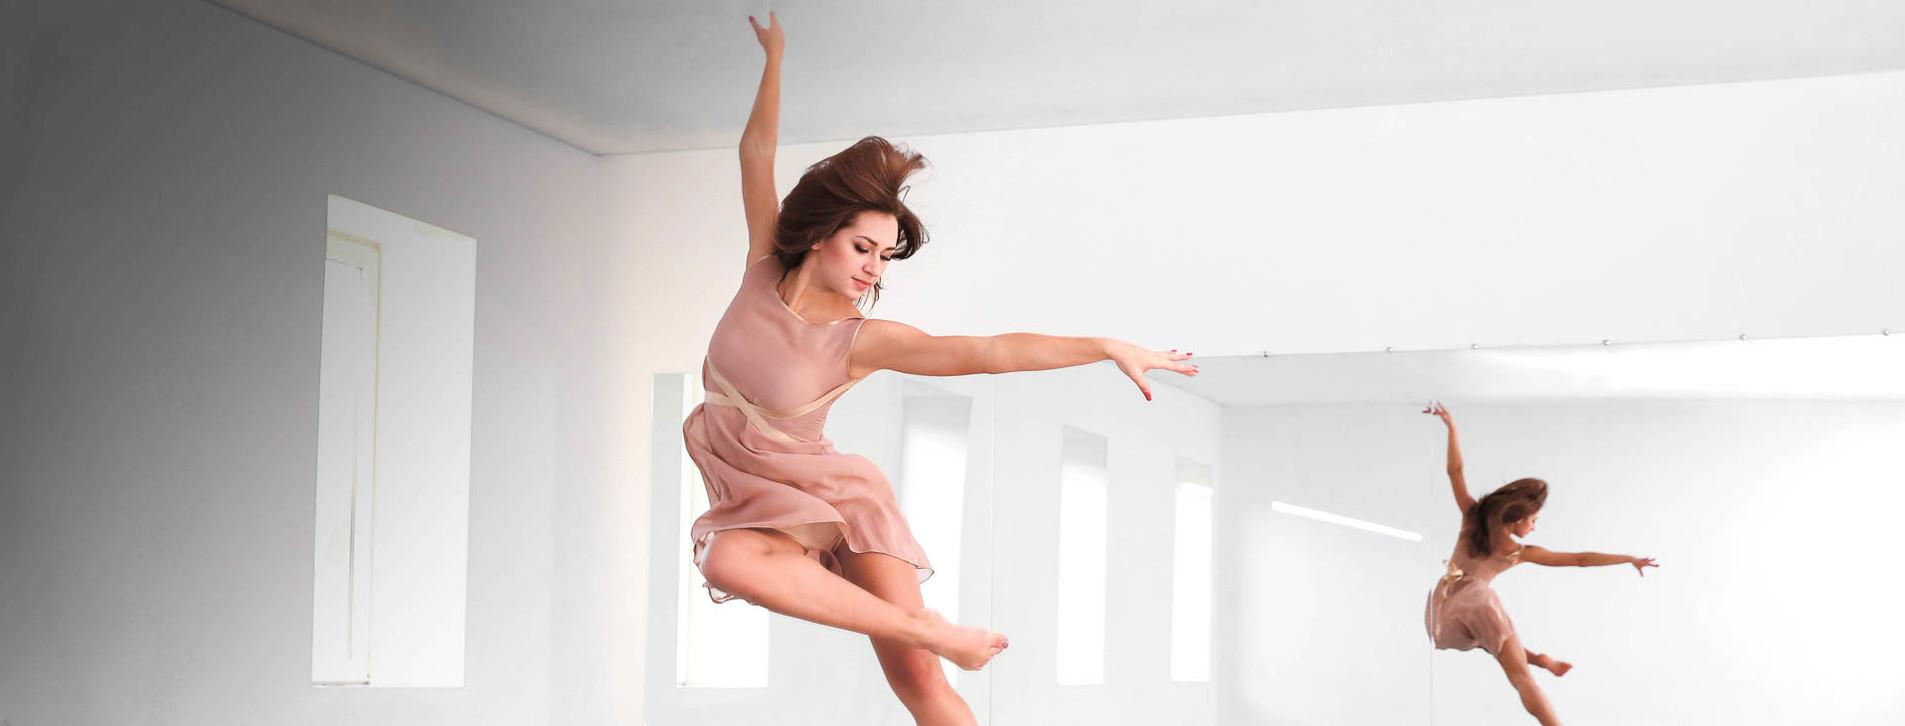 Фото 1 - Абонемент на танцы